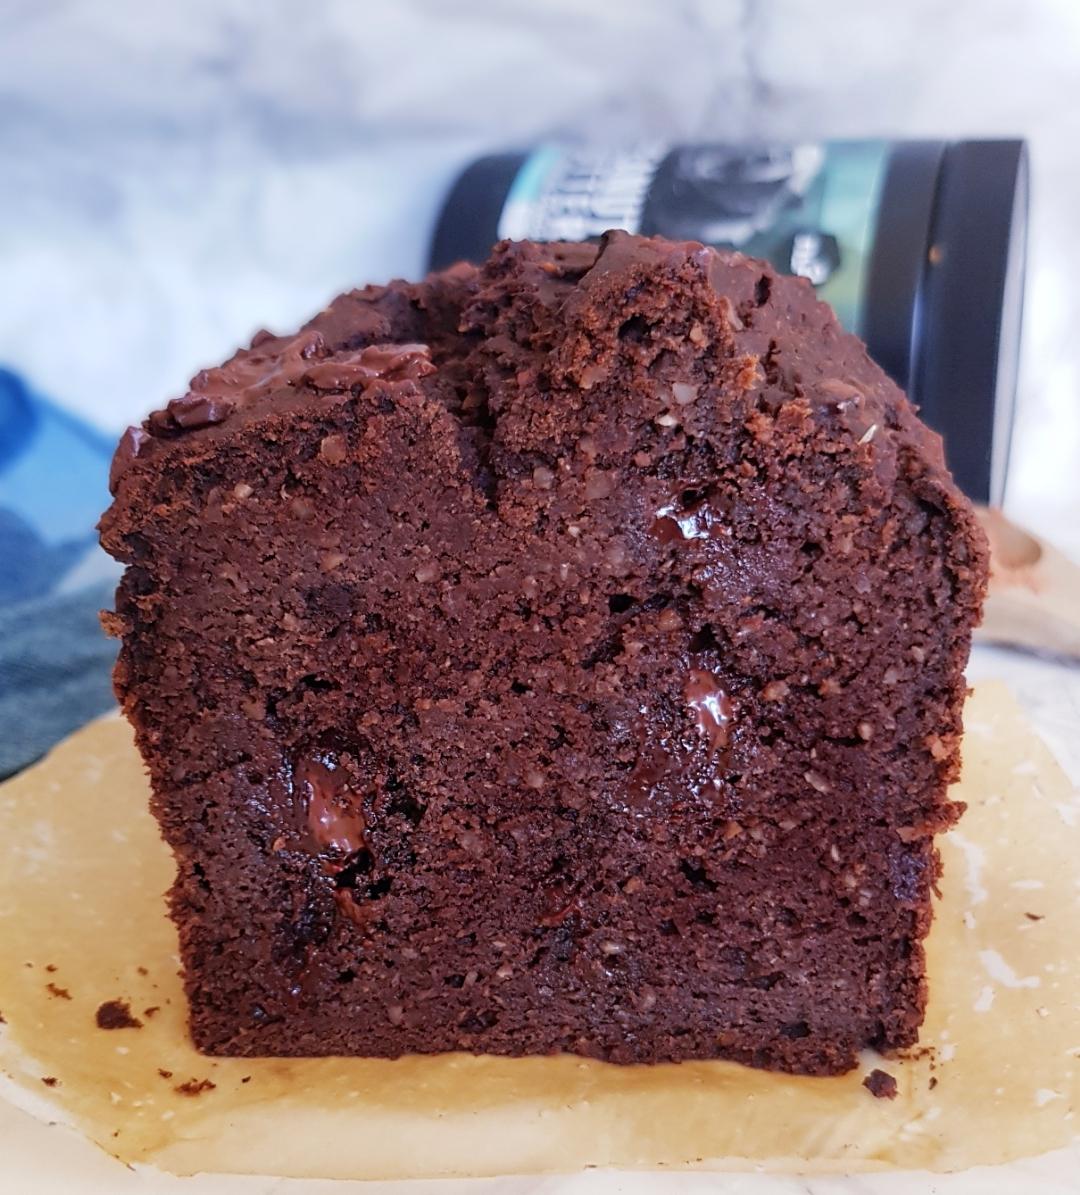 Cake Au Cacao Moelleux Sans Gluten : Recette Healthy